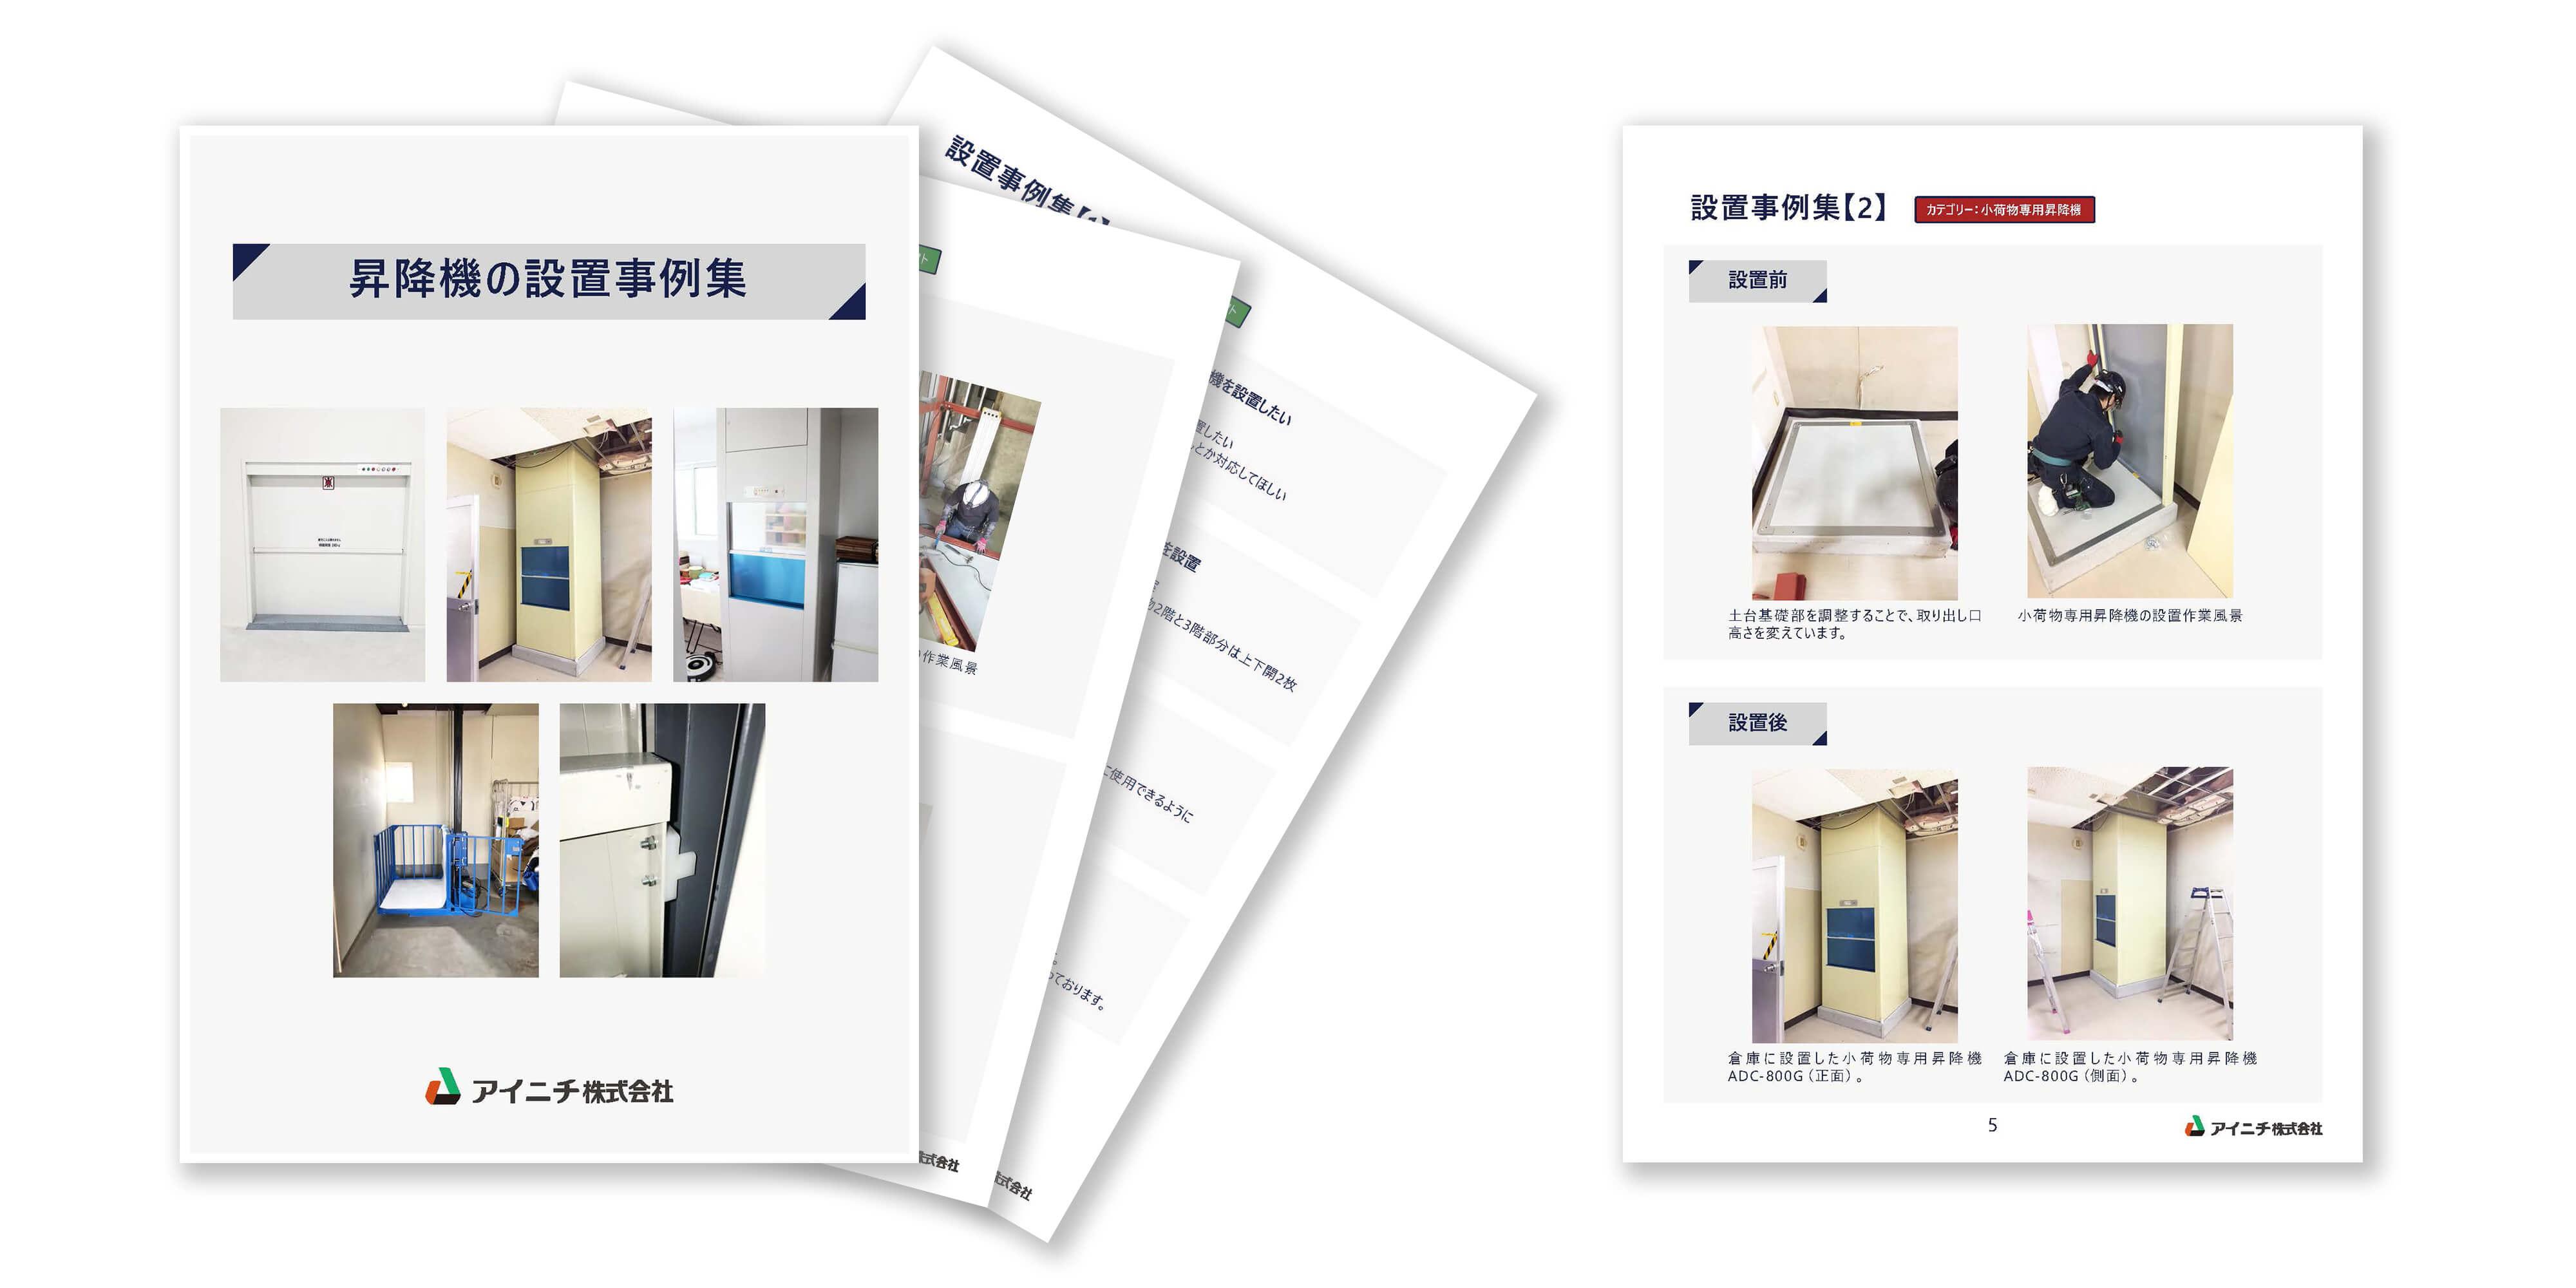 昇降機の設置事例集イメージ